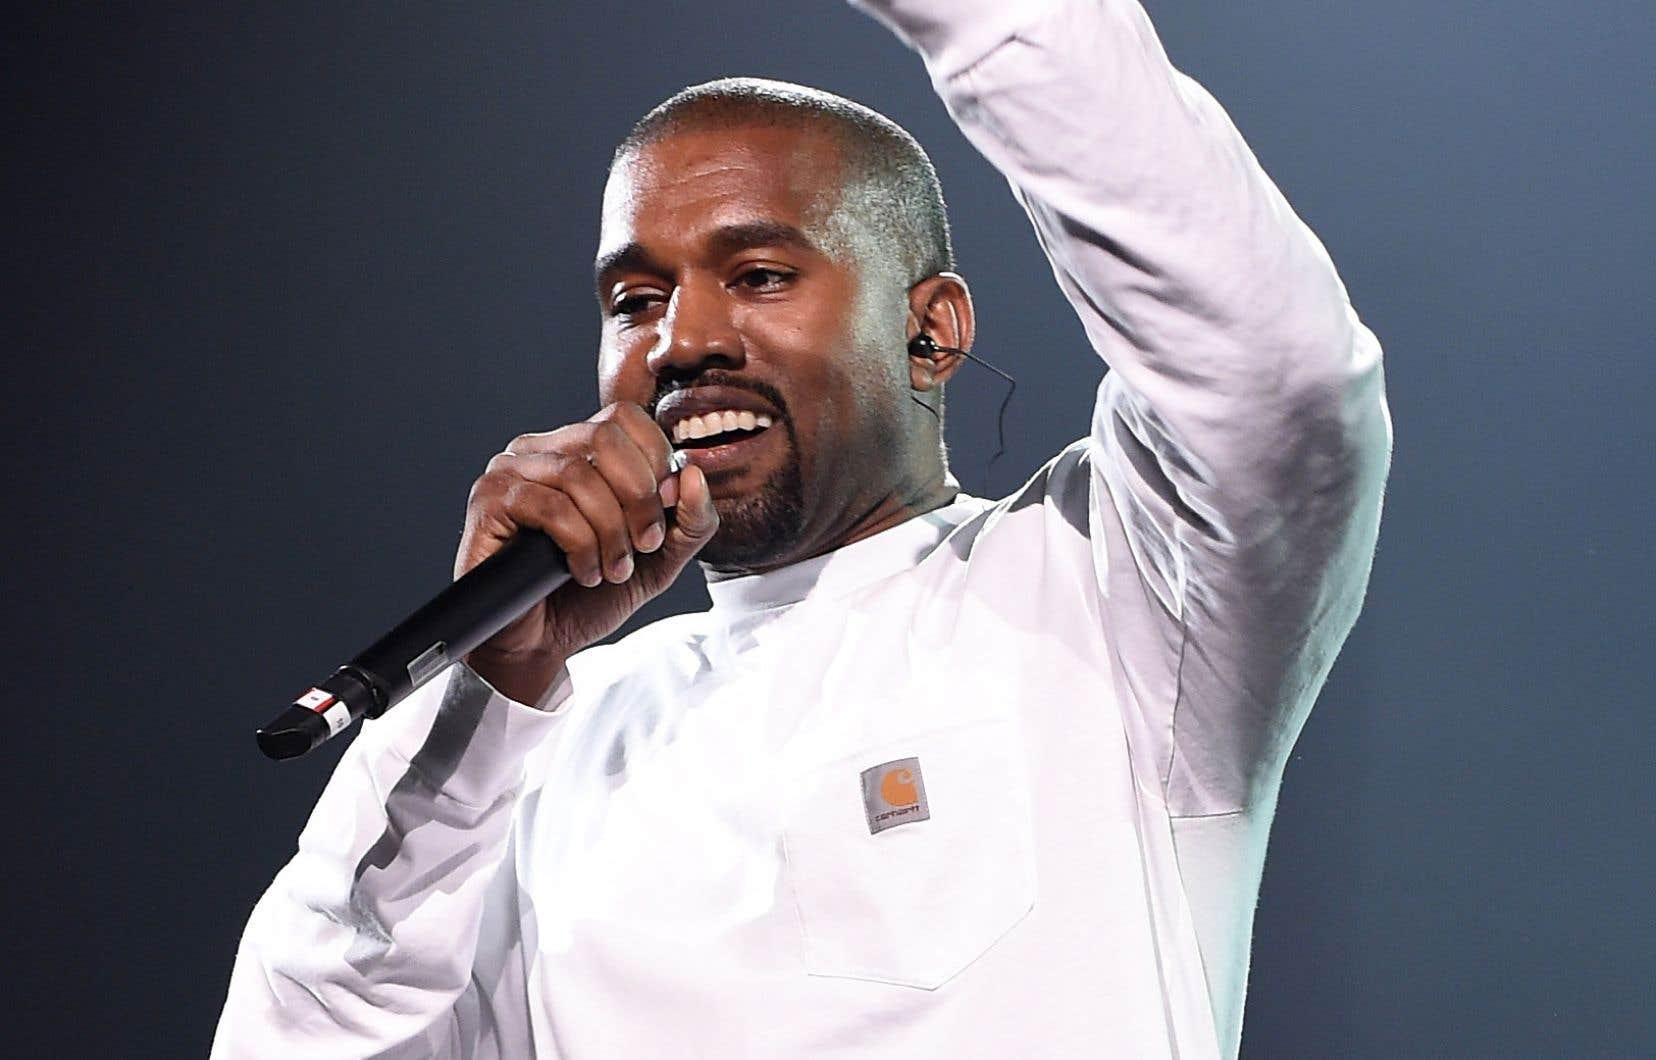 Le rappeur Kanye West, en pleine performance au Madison Square Garden, à New York, en 2016